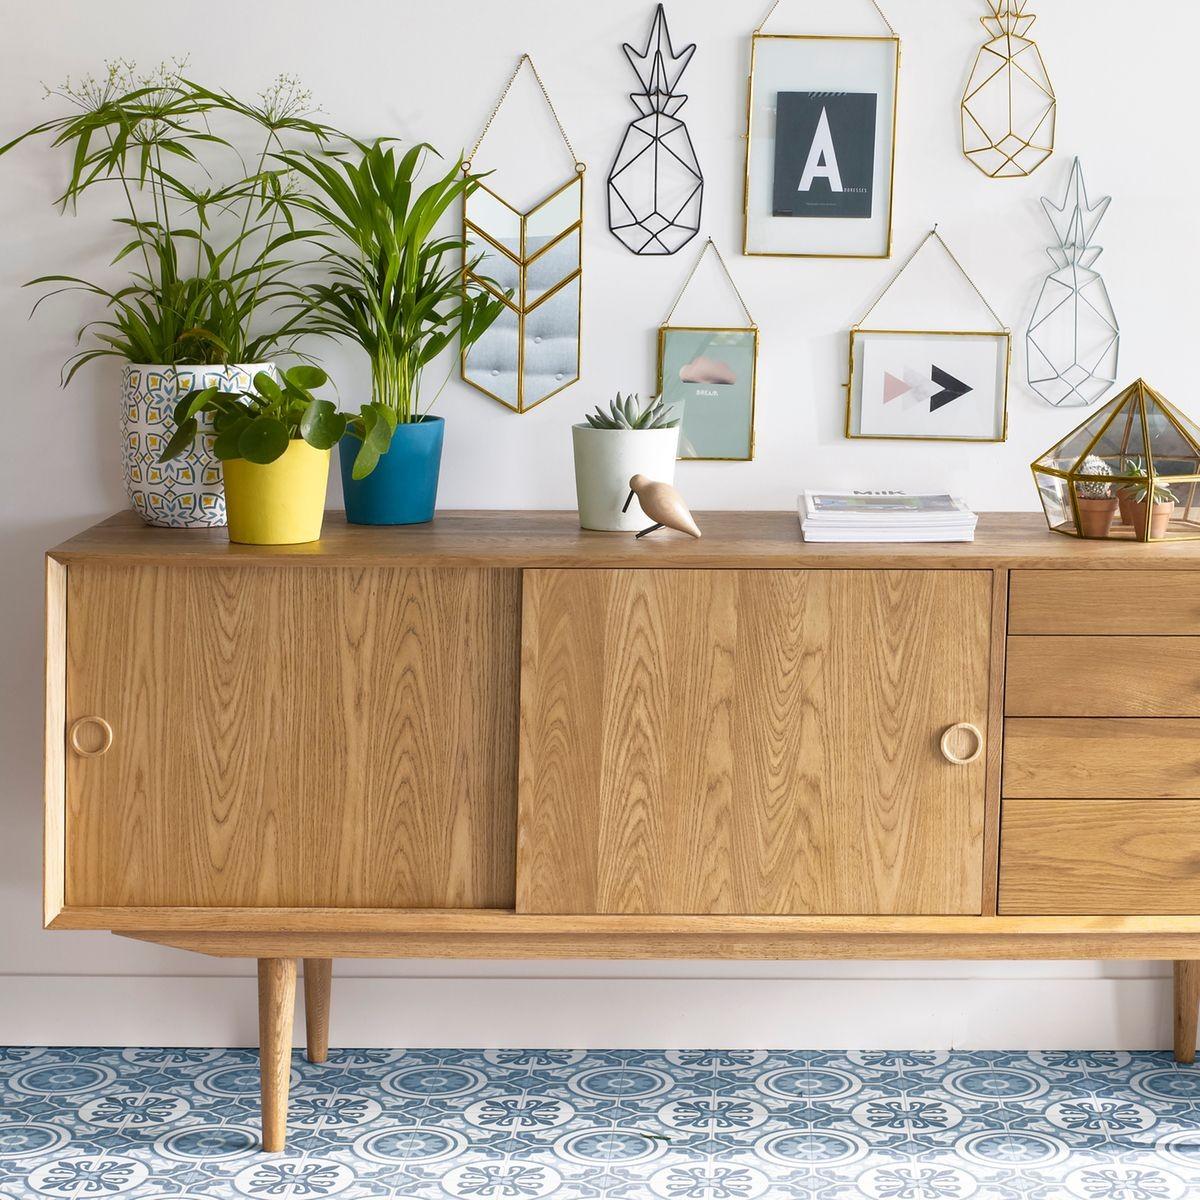 si j avais une maison n 5 cocon d co vie nomade. Black Bedroom Furniture Sets. Home Design Ideas